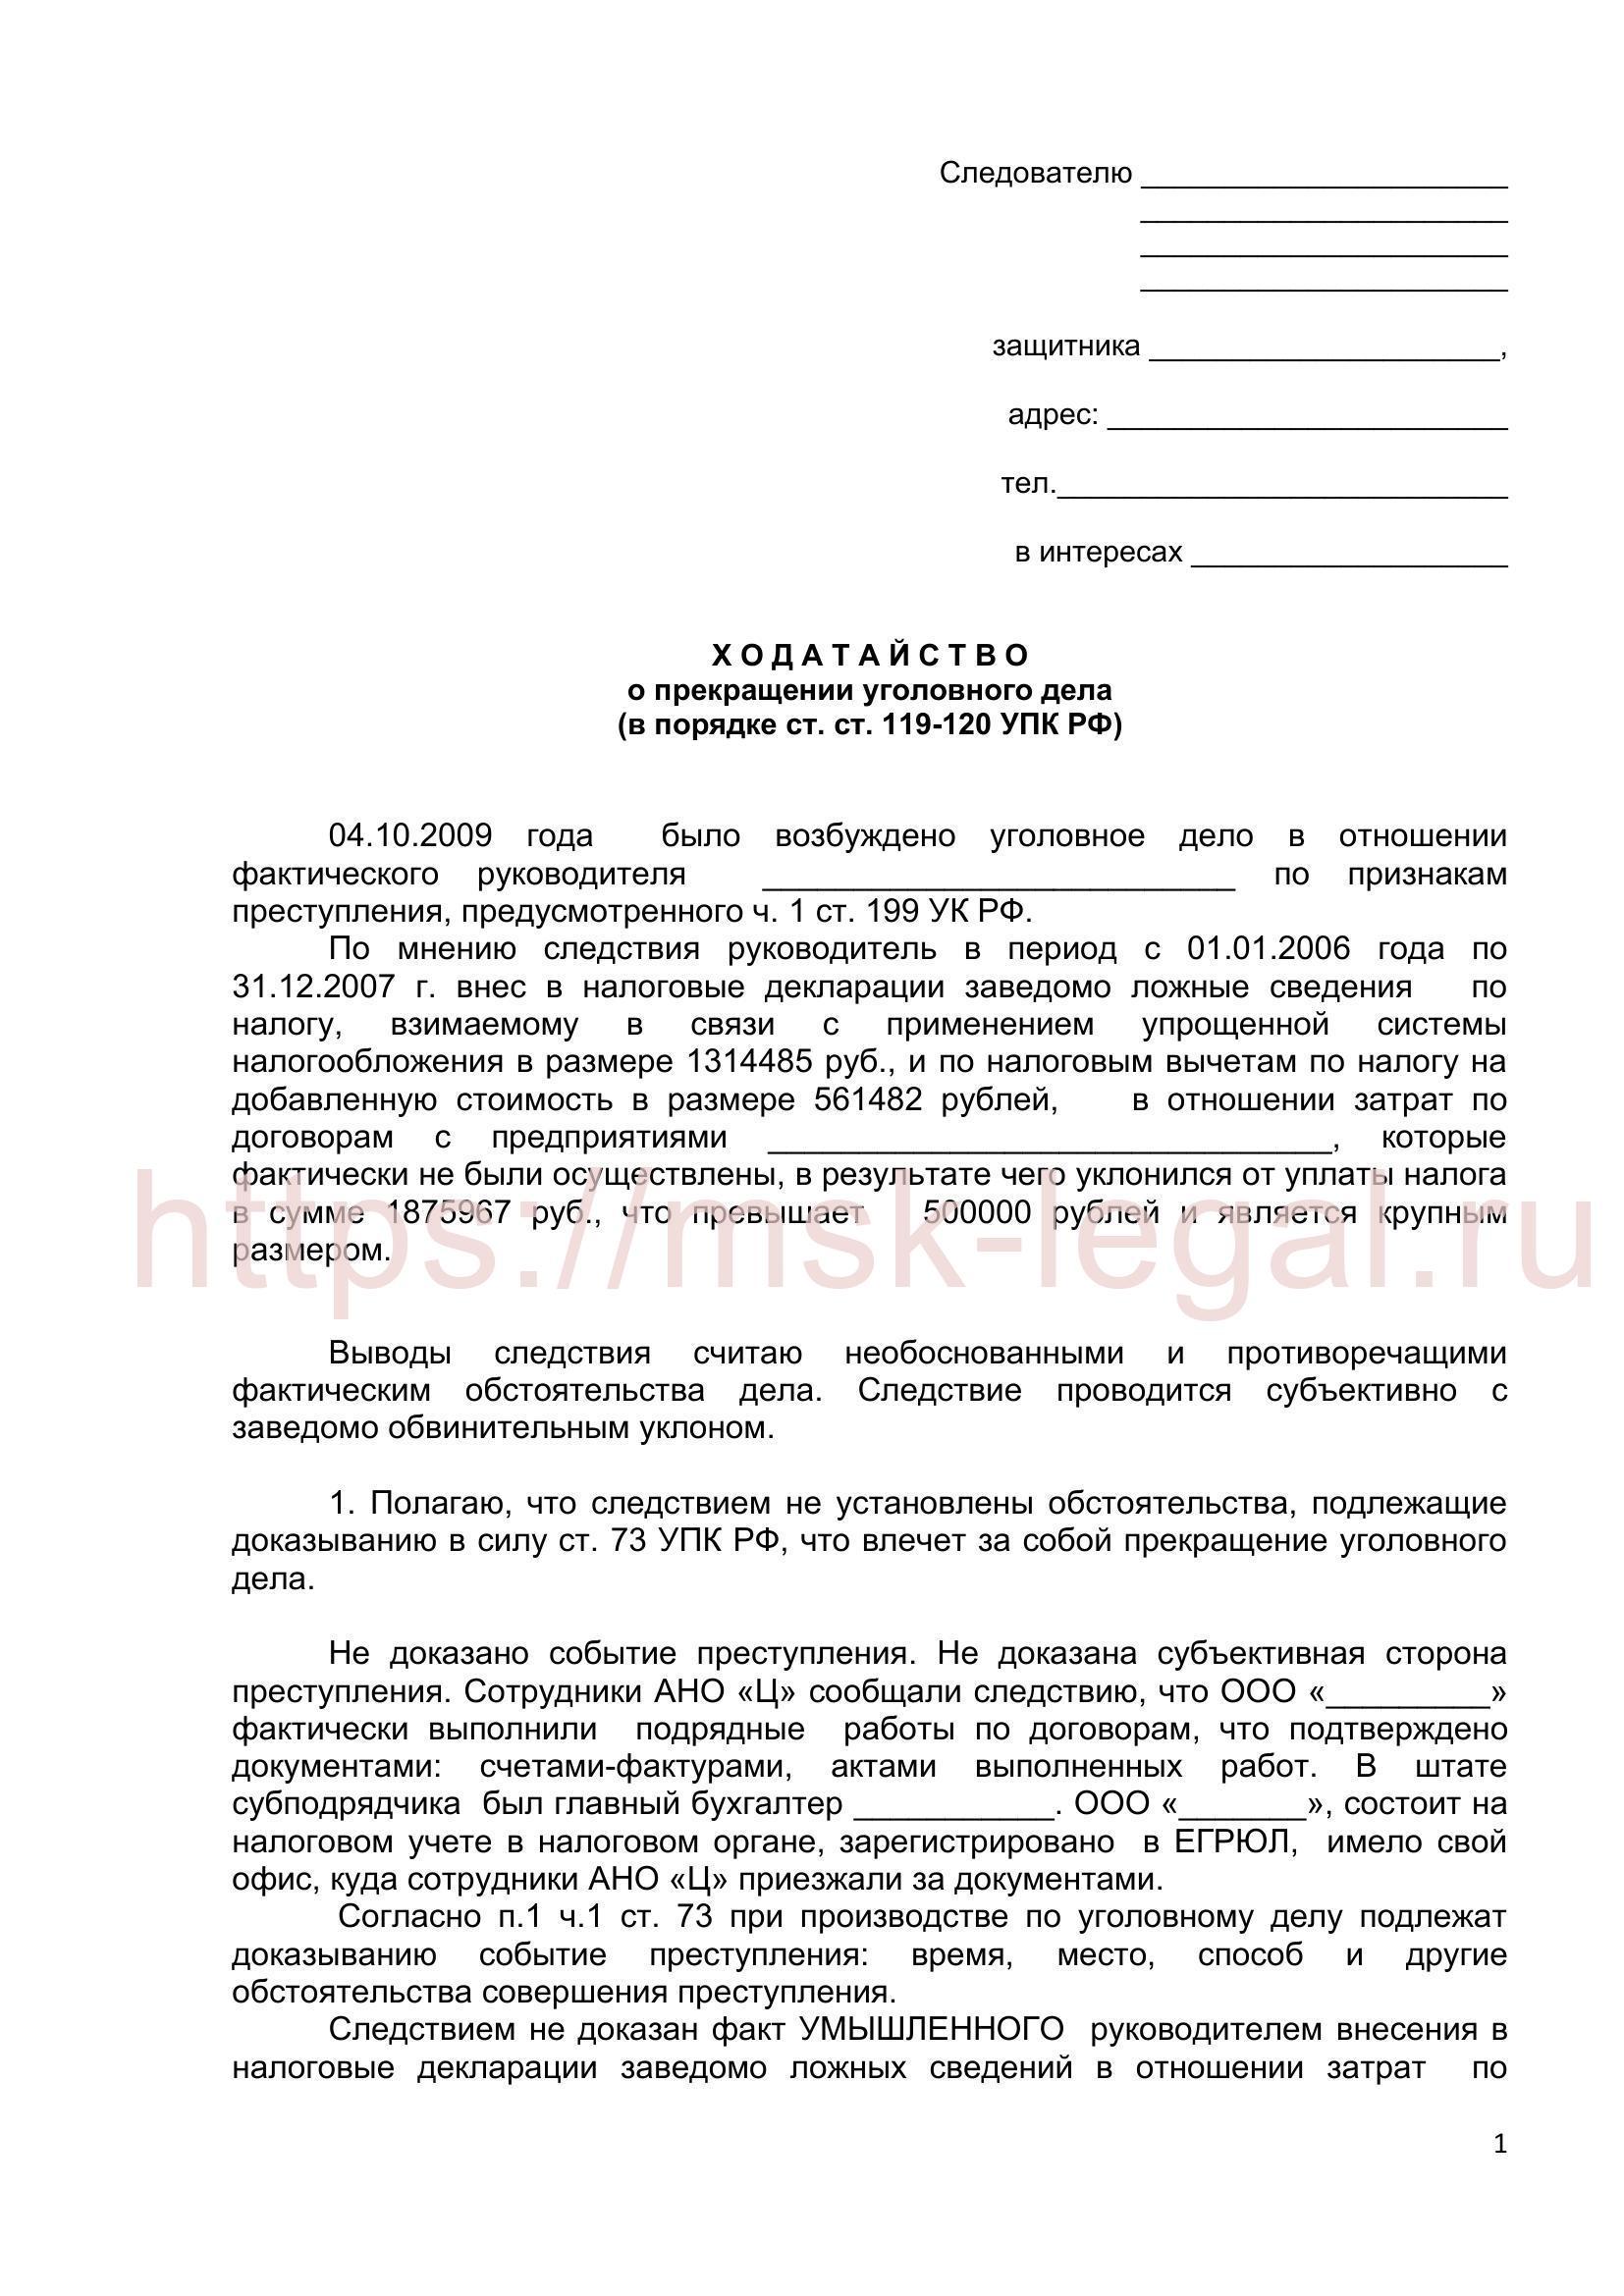 О прекращении уголовного дела по ст. 199 УК РФ на основании п. 2 ч. 1ст. 24 УПК РФ